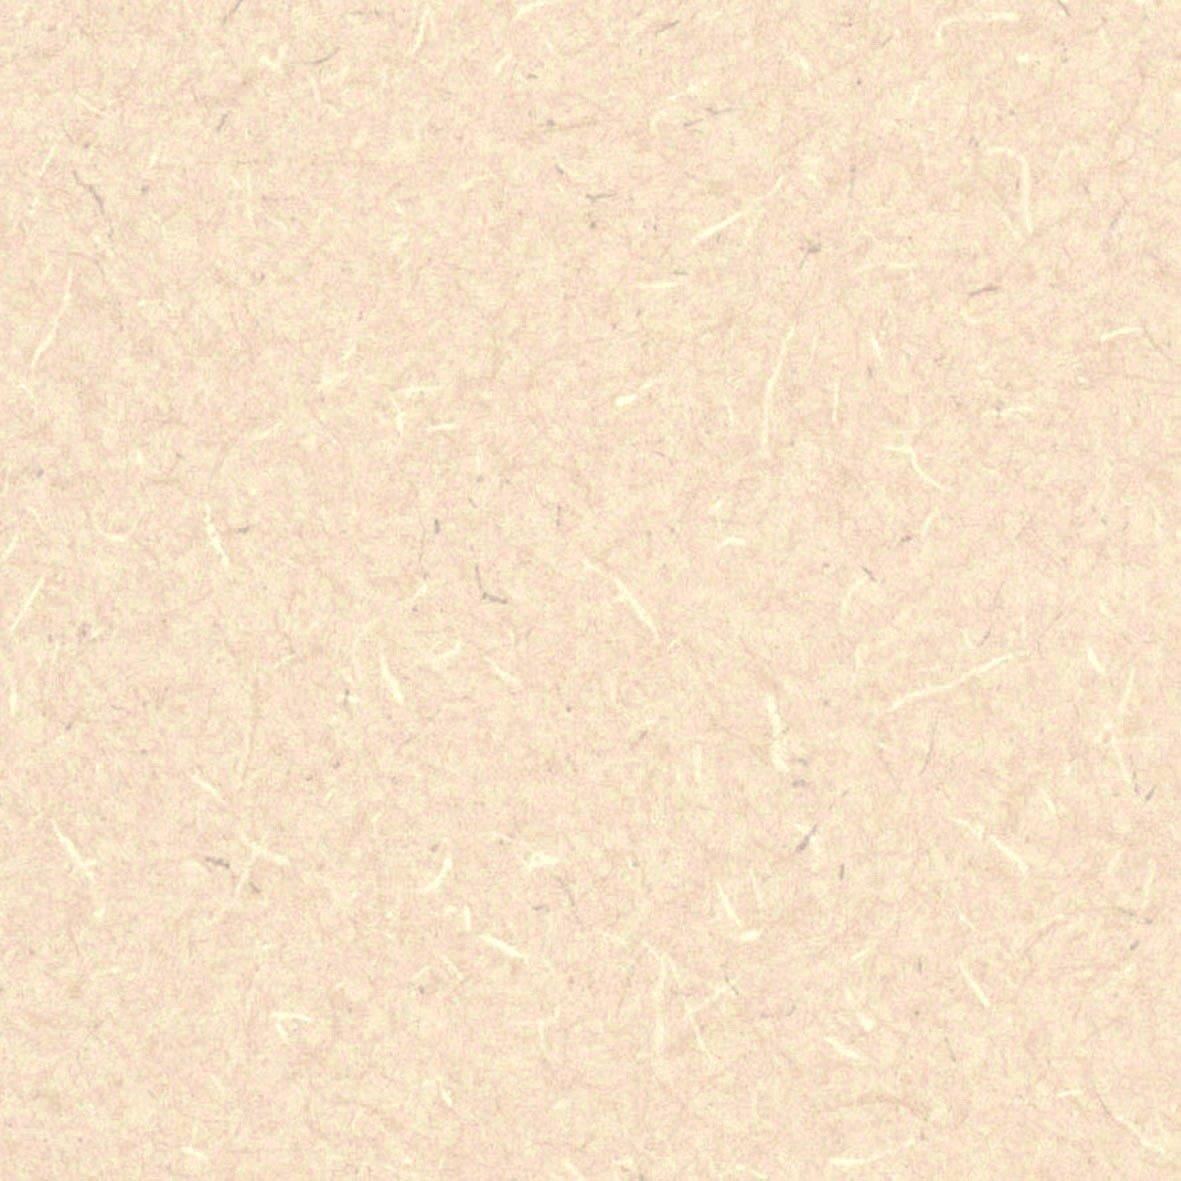 リリカラ 壁紙43m 和 石目調 ベージュ LL-8300 B01N8SGH7E 43m|ベージュ1